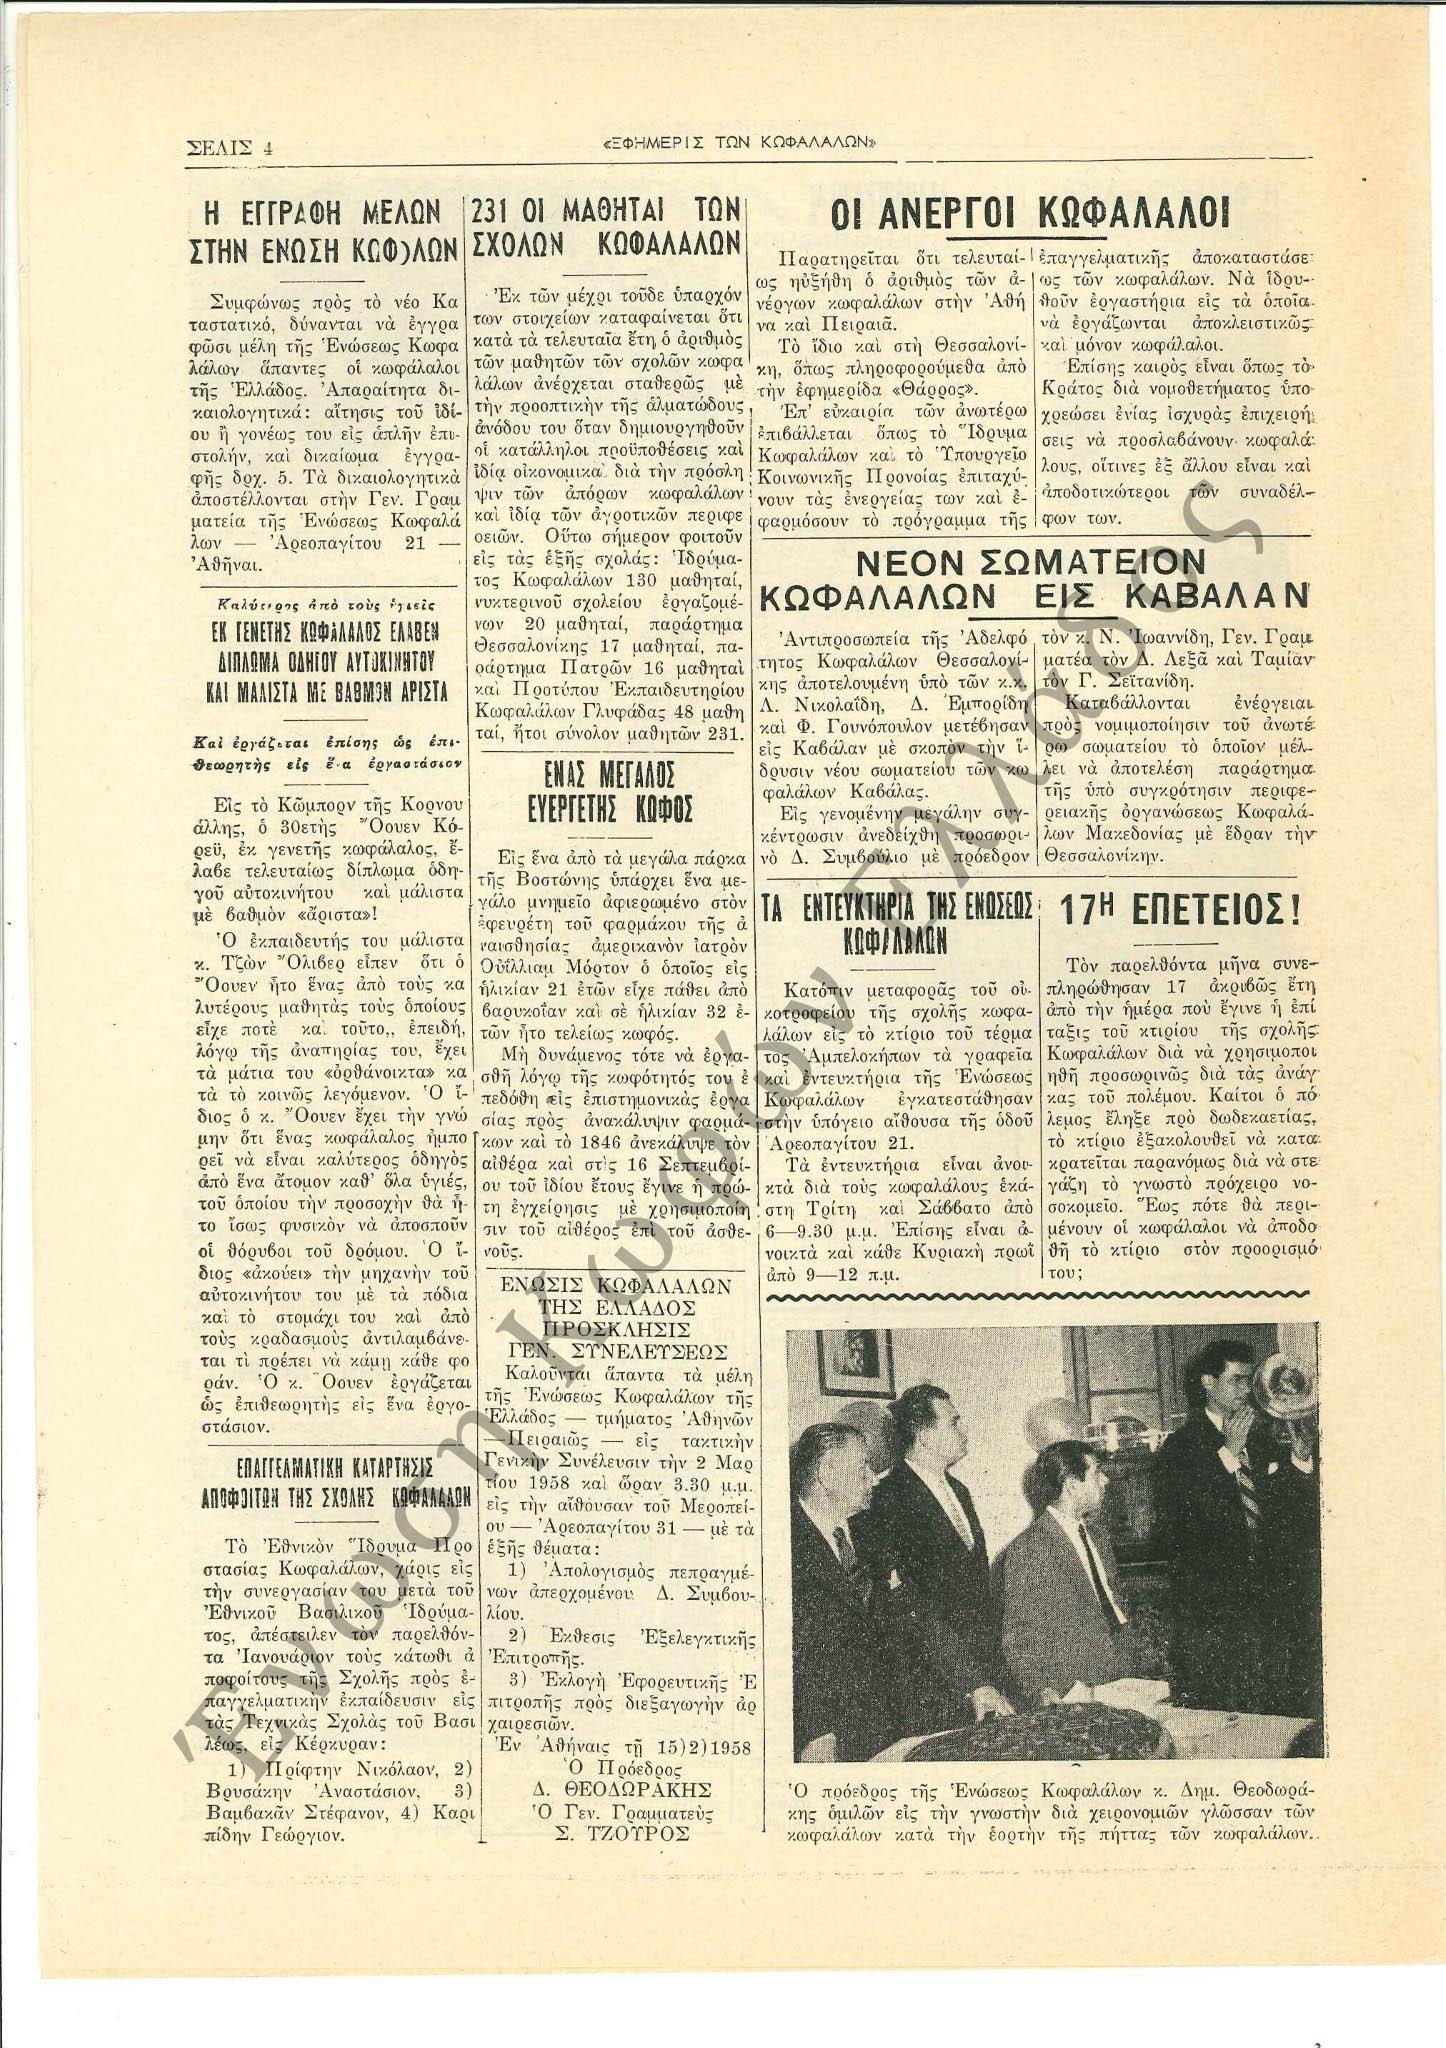 Εφημερίς των Κωφαλάλων 1958-Μάρτιος 4